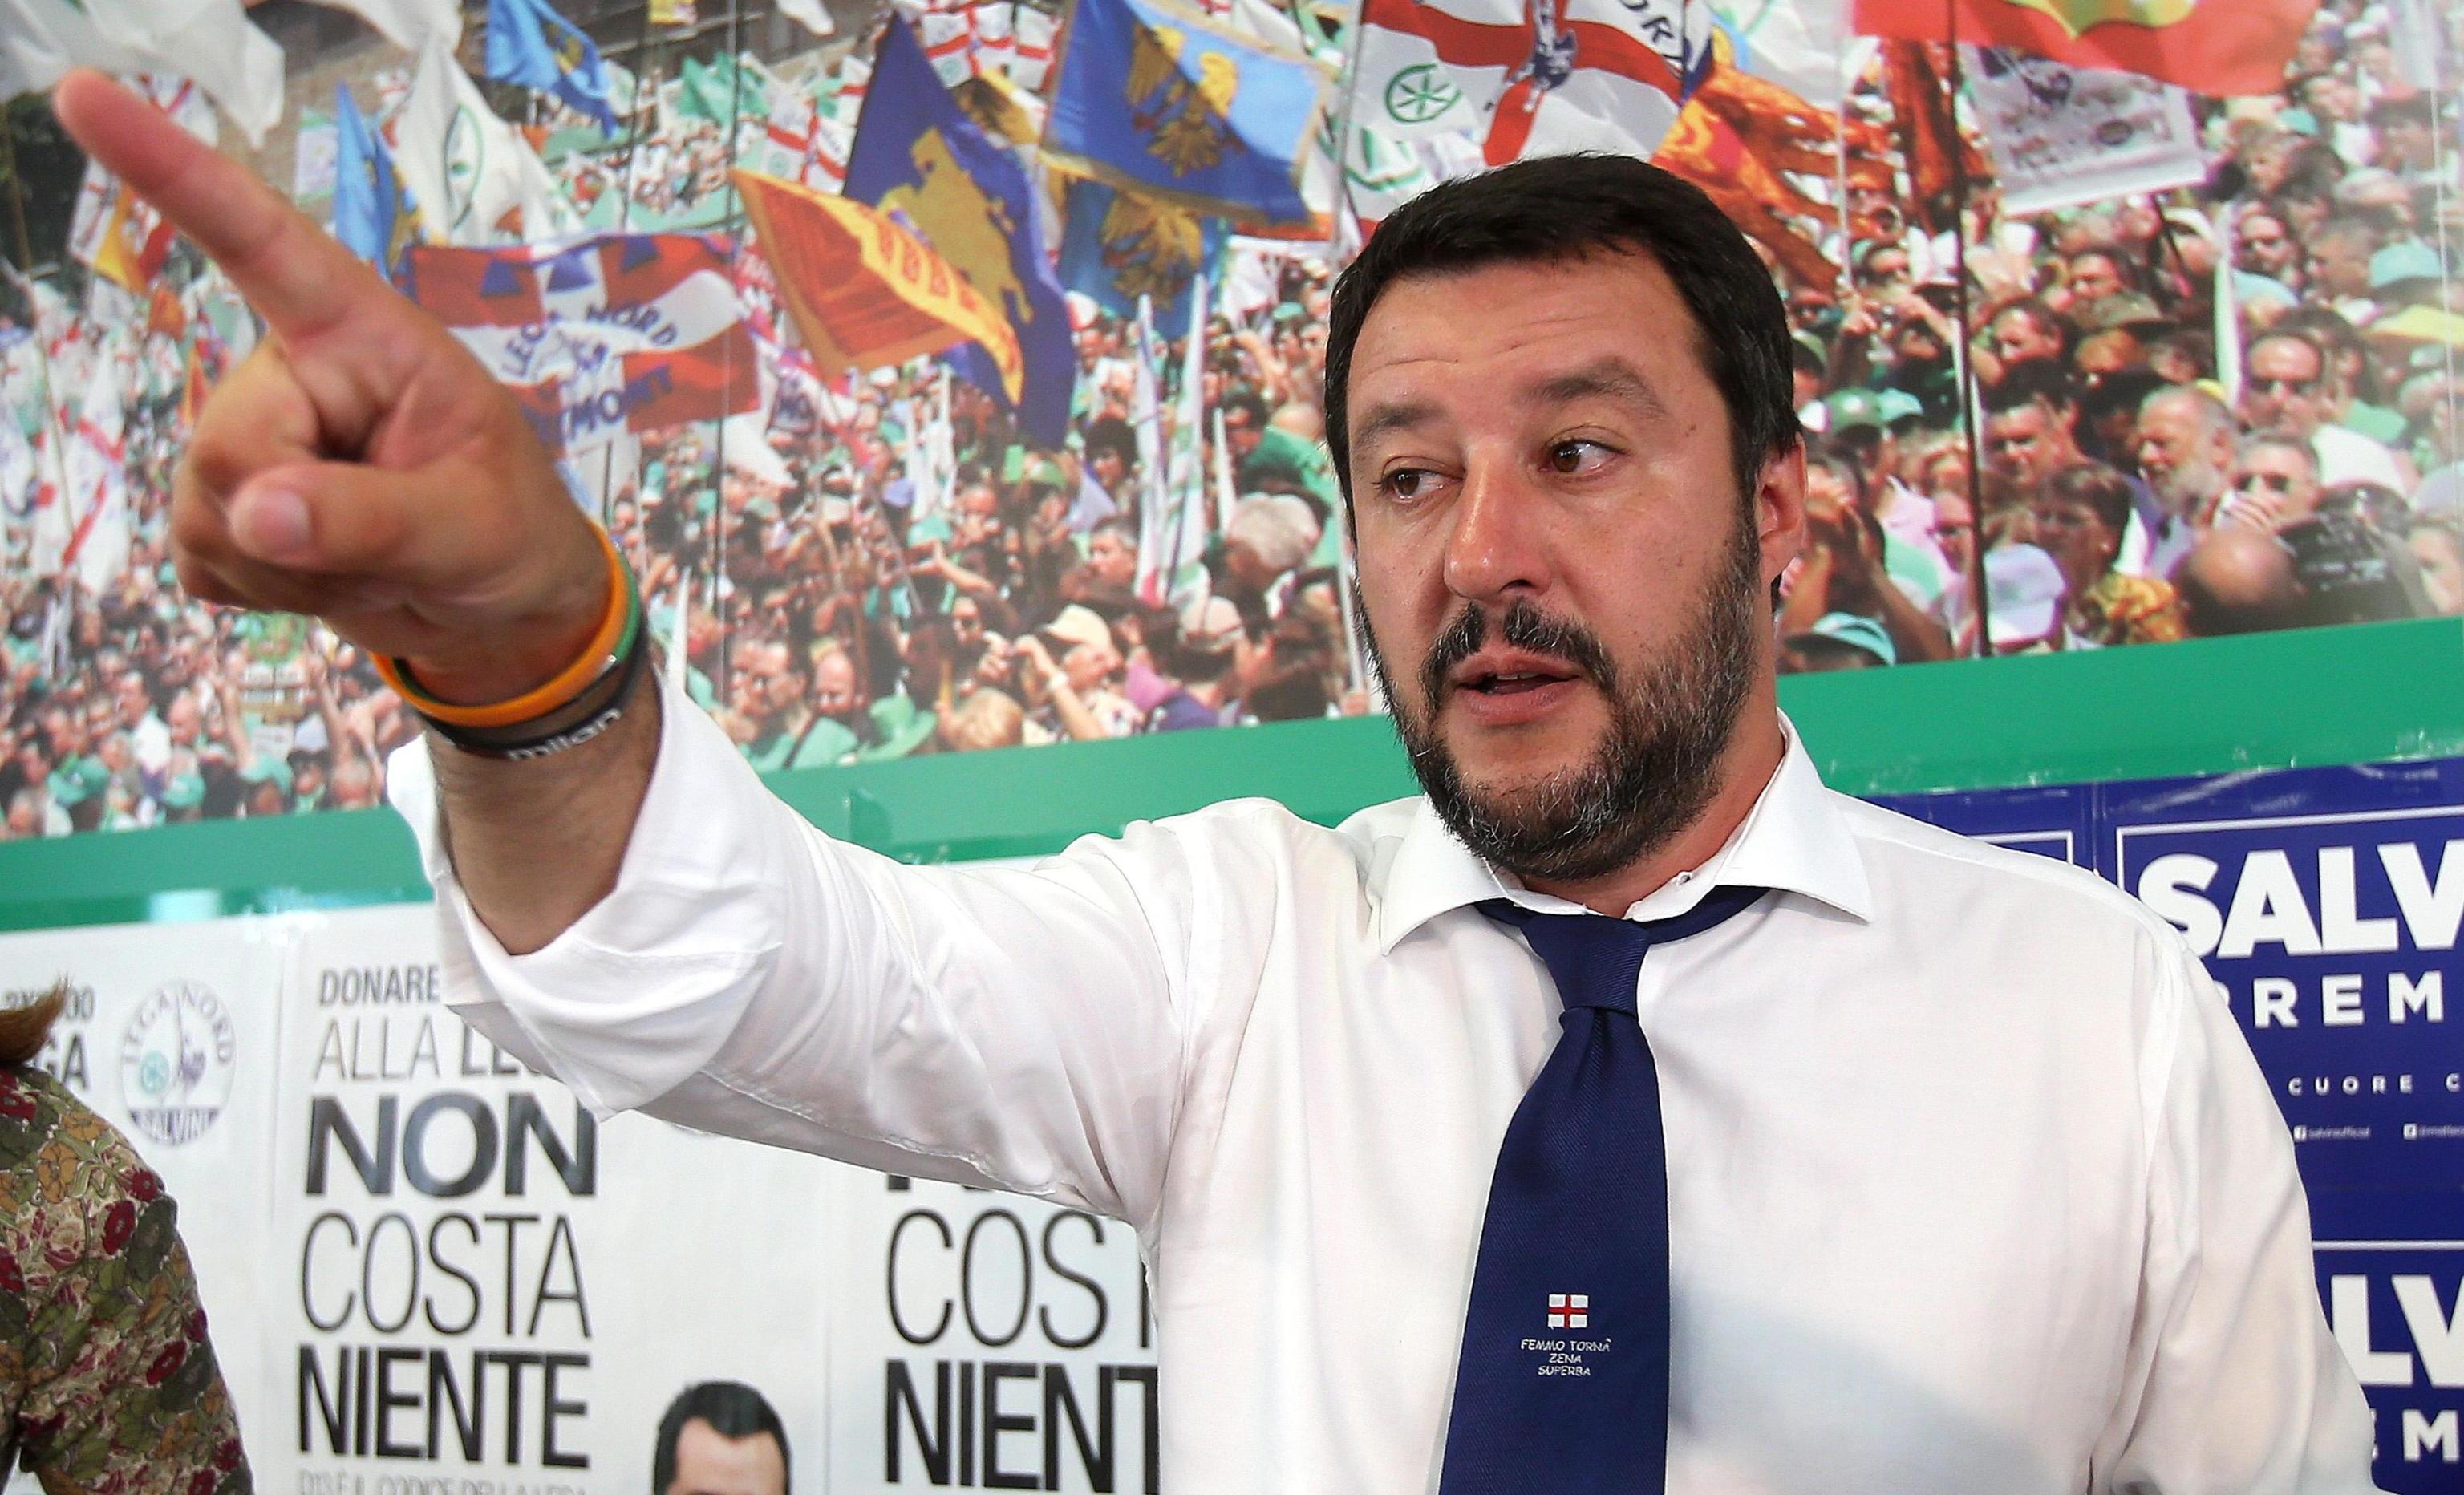 Matteo Salvini parla del tradimento di Elisa Isoardi